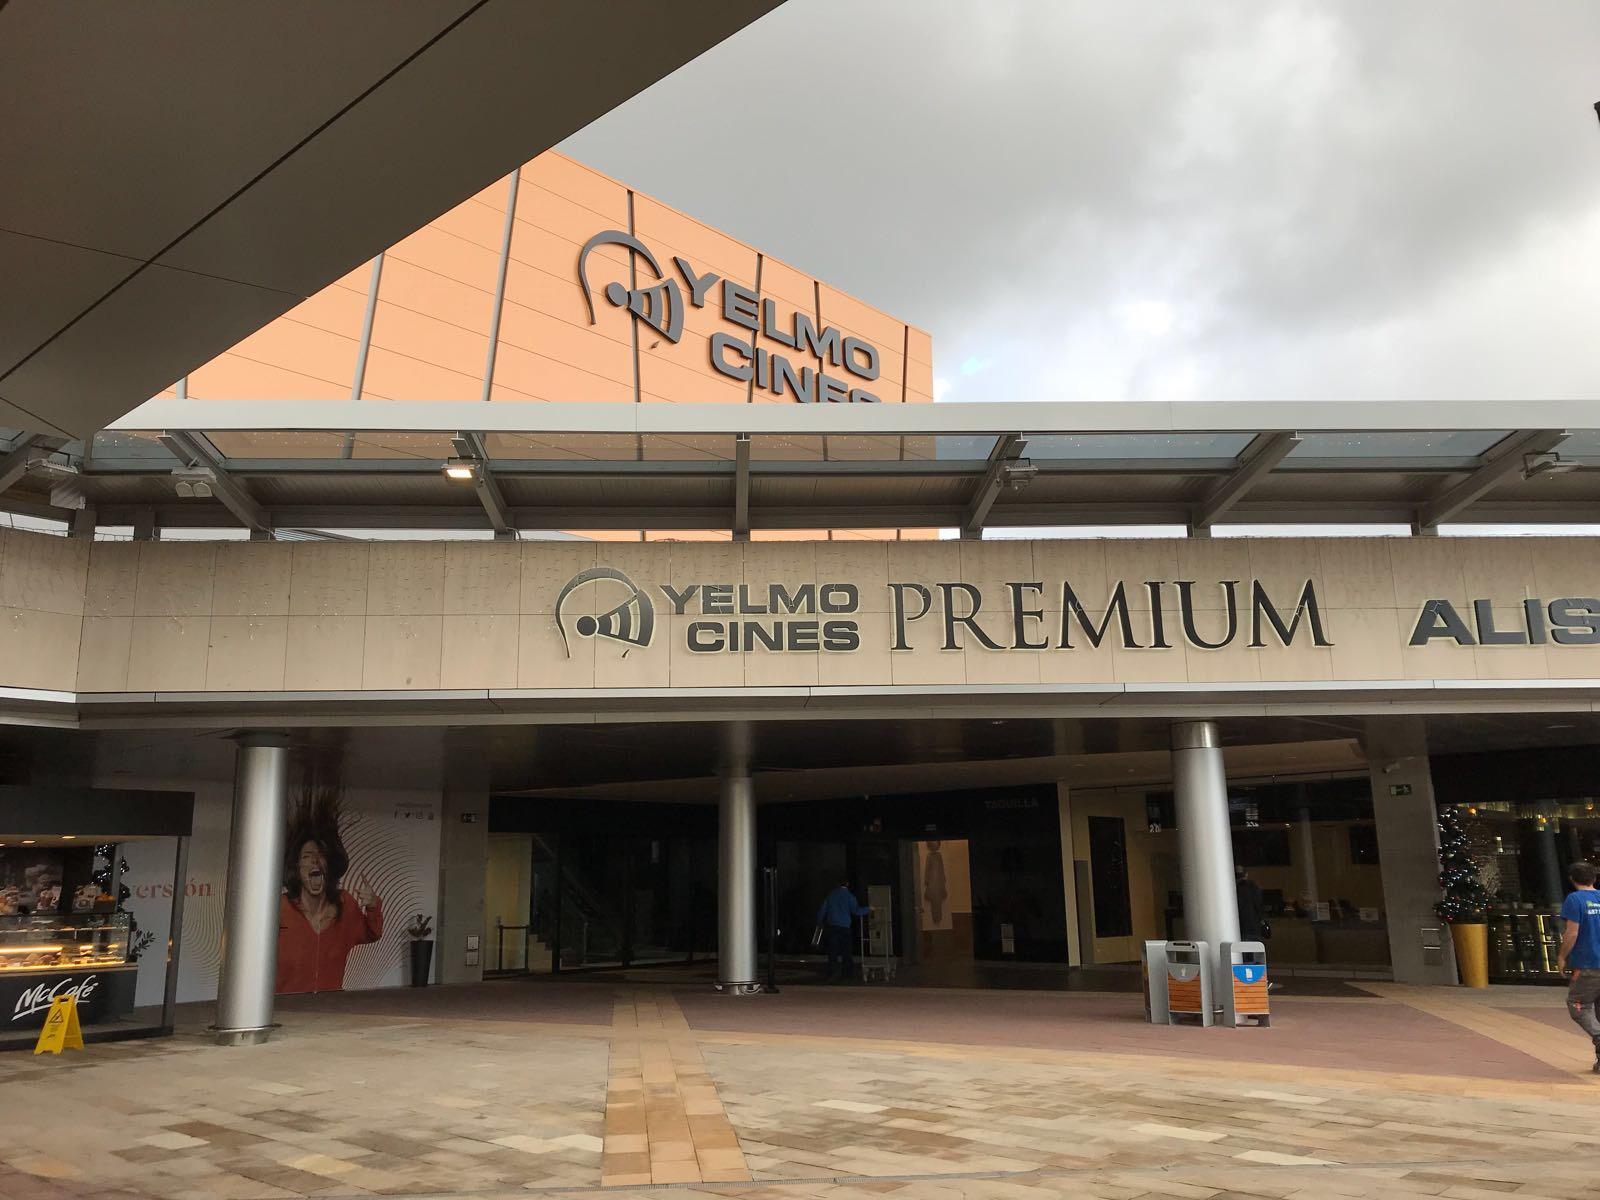 Opincan - Salas de cine Yelmo en el Centro Comercial Alisios 13